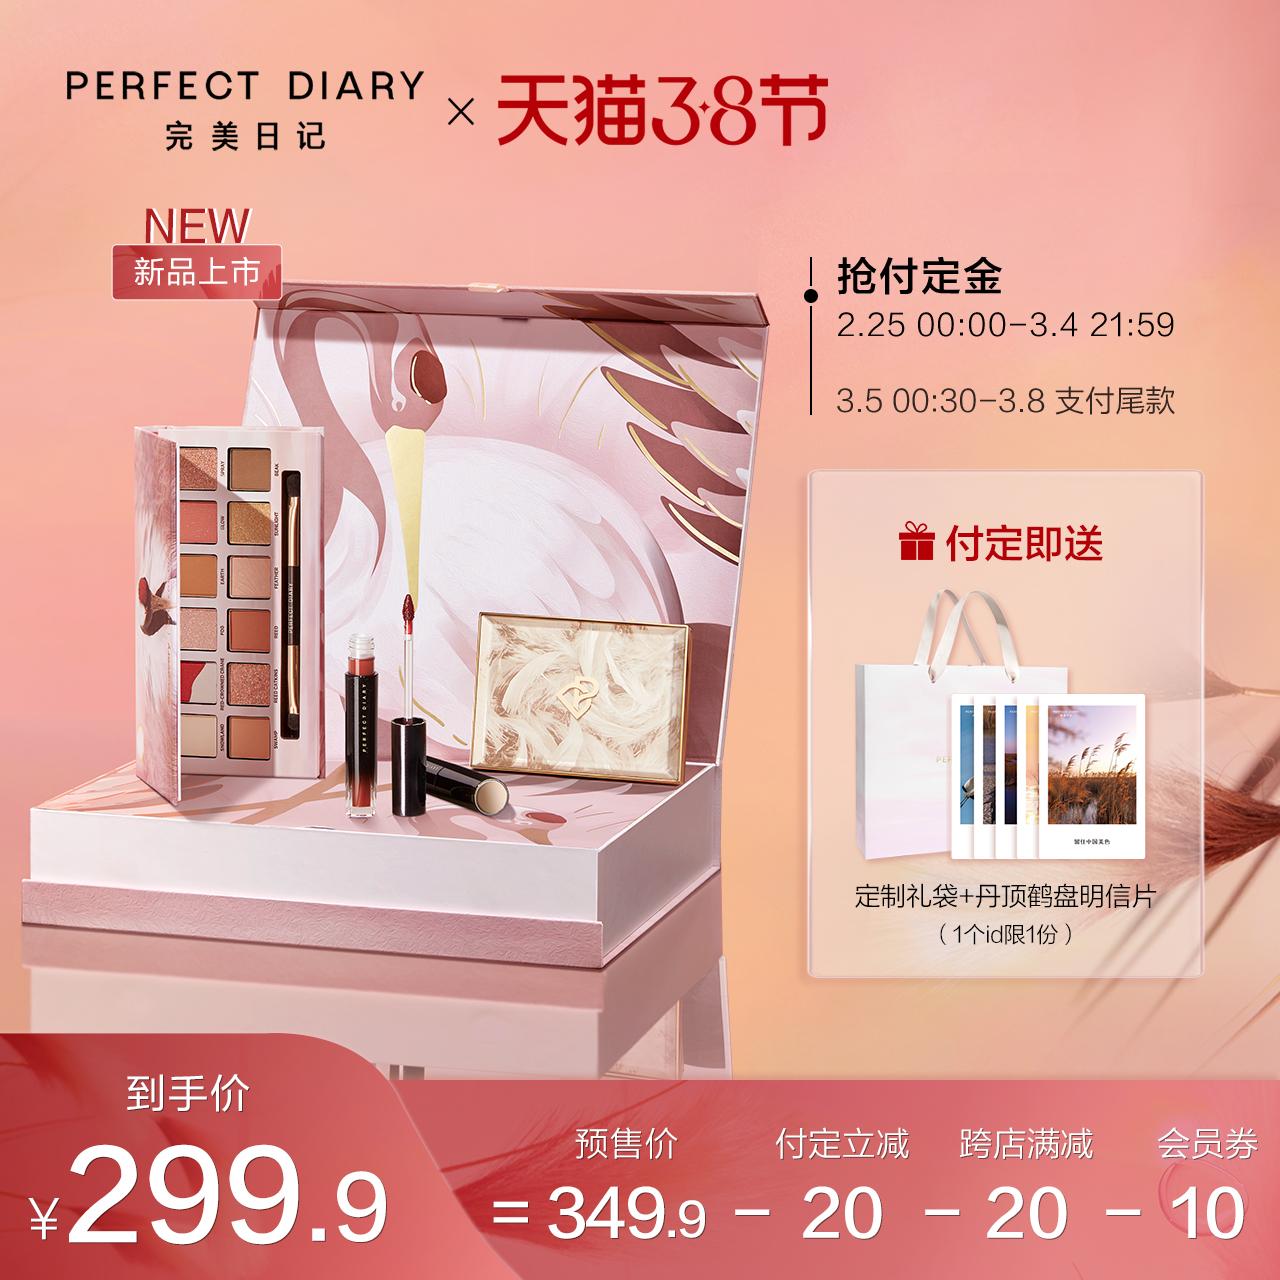 完美日記丹頂鶴禮盒38禮盒彩妝套裝化妝品丹頂鶴盤